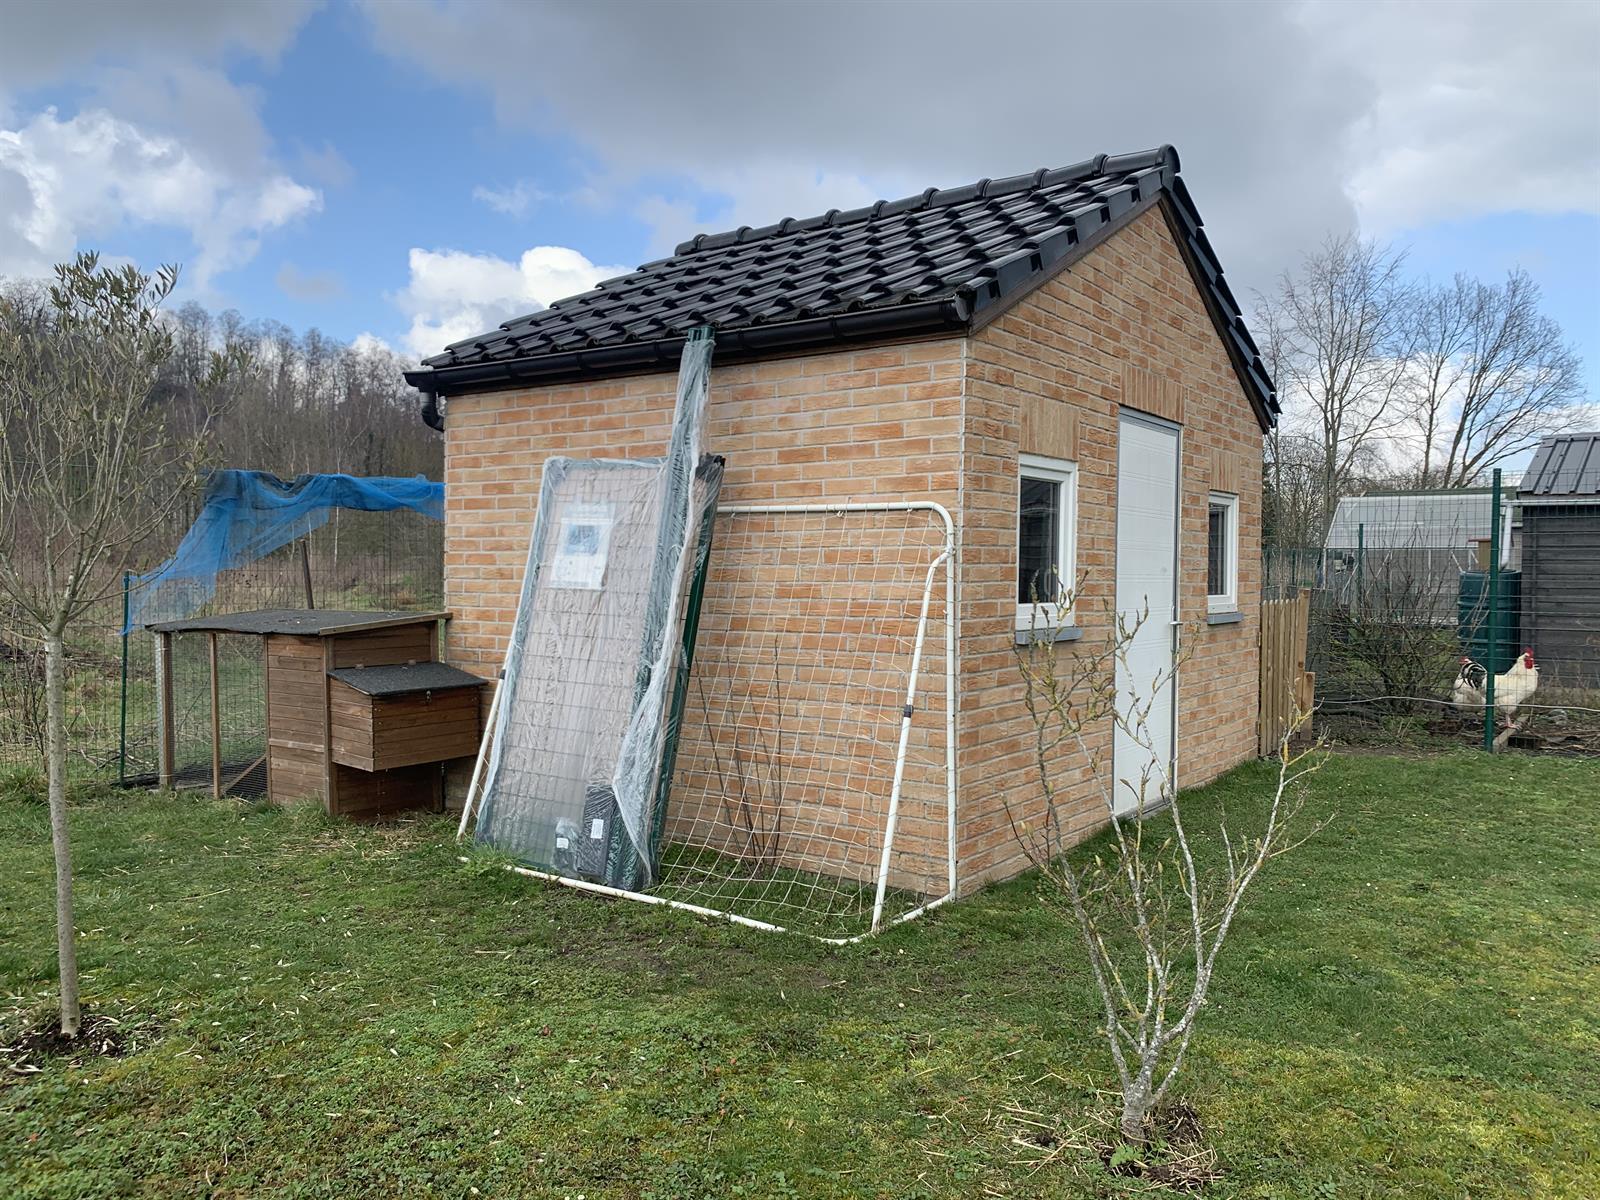 Maison - Charleroi - #4292230-11